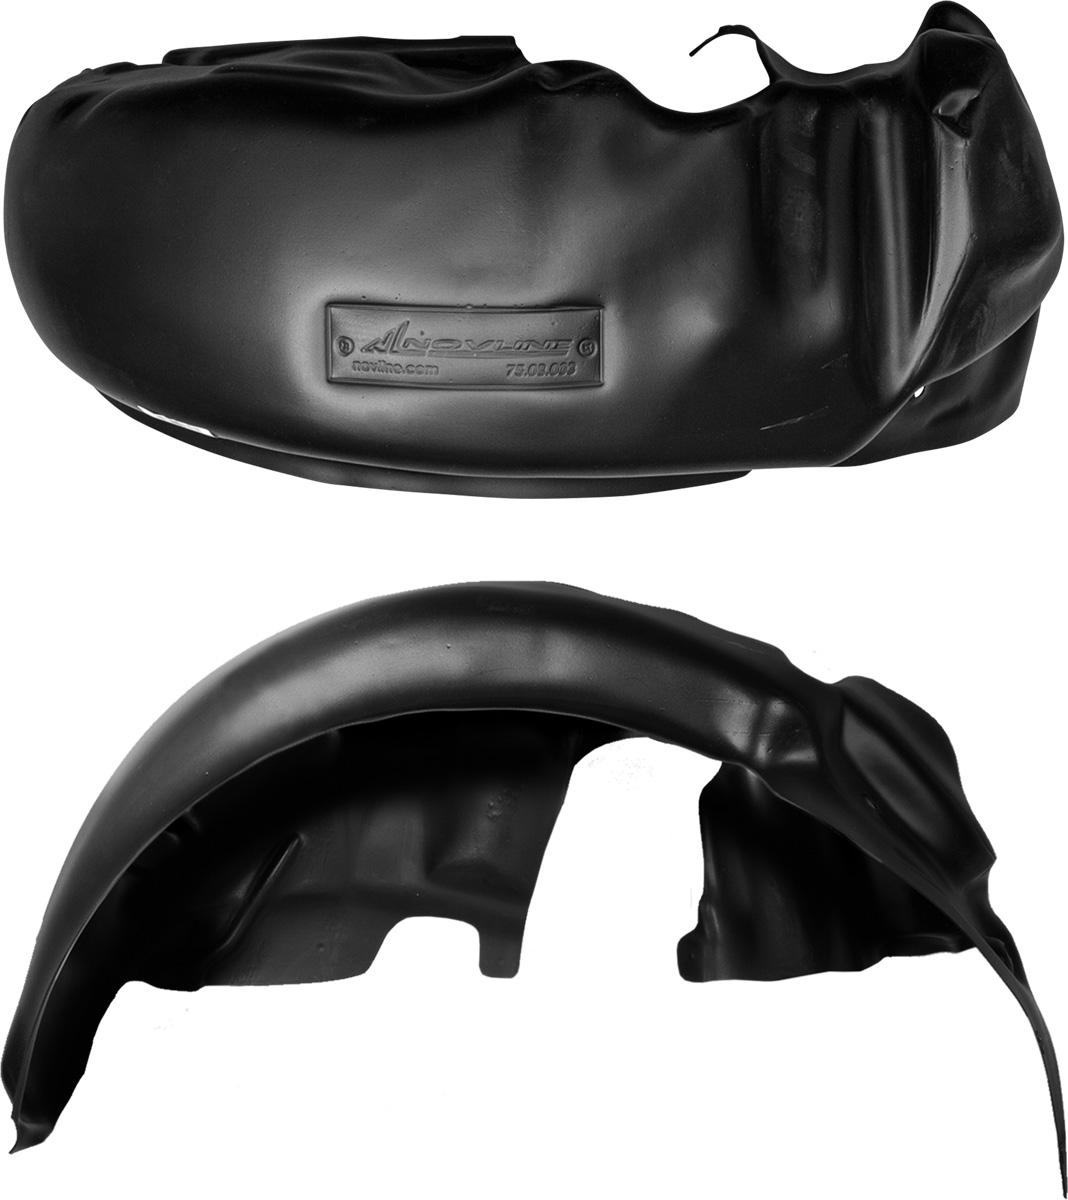 Подкрылок Novline-Autofamily, для Toyota Camry, 07/2006-2011, задний левыйALLDRIVE 501Колесные ниши - одни из самых уязвимых зон днища вашего автомобиля. Они постоянно подвергаются воздействию со стороны дороги. Лучшая, почти абсолютная защита для них - специально отформованные пластиковые кожухи, которые называются подкрылками. Производятся они как для отечественных моделей автомобилей, так и для иномарок. Подкрылки Novline-Autofamily выполнены из высококачественного, экологически чистого пластика. Обеспечивают надежную защиту кузова автомобиля от пескоструйного эффекта и негативного влияния, агрессивных антигололедных реагентов. Пластик обладает более низкой теплопроводностью, чем металл, поэтому в зимний период эксплуатации использование пластиковых подкрылков позволяет лучше защитить колесные ниши от налипания снега и образования наледи. Оригинальность конструкции подчеркивает элегантность автомобиля, бережно защищает нанесенное на днище кузова антикоррозийное покрытие и позволяет осуществить крепление подкрылков внутри колесной арки практически без дополнительного крепежа и сверления, не нарушая при этом лакокрасочного покрытия, что предотвращает возникновение новых очагов коррозии. Подкрылки долговечны, обладают высокой прочностью и сохраняют заданную форму, а также все свои физико-механические характеристики в самых тяжелых климатических условиях (от -50°С до +50°С).Уважаемые клиенты!Обращаем ваше внимание, на тот факт, что подкрылок имеет форму, соответствующую модели данного автомобиля. Фото служит для визуального восприятия товара.